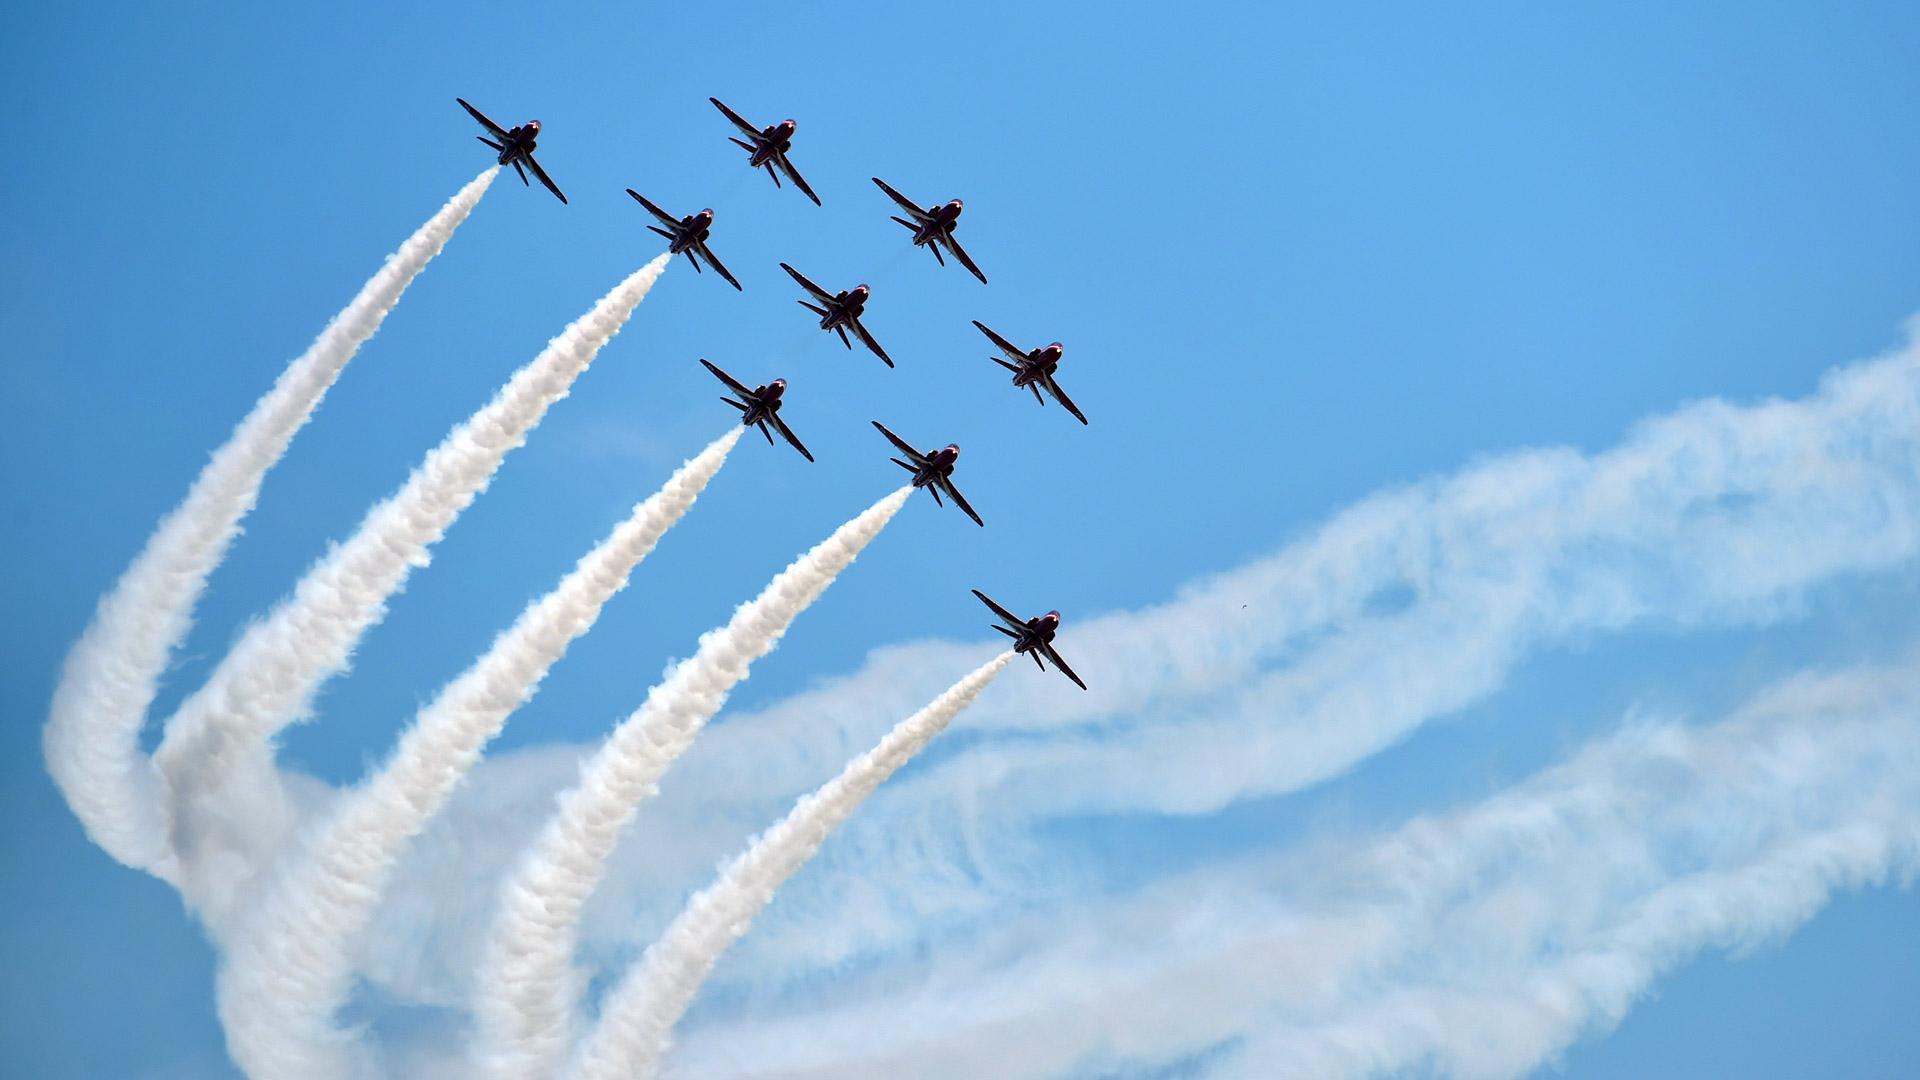 2016珠海航展前瞻:各类飞机进行飞行训练 精彩即将